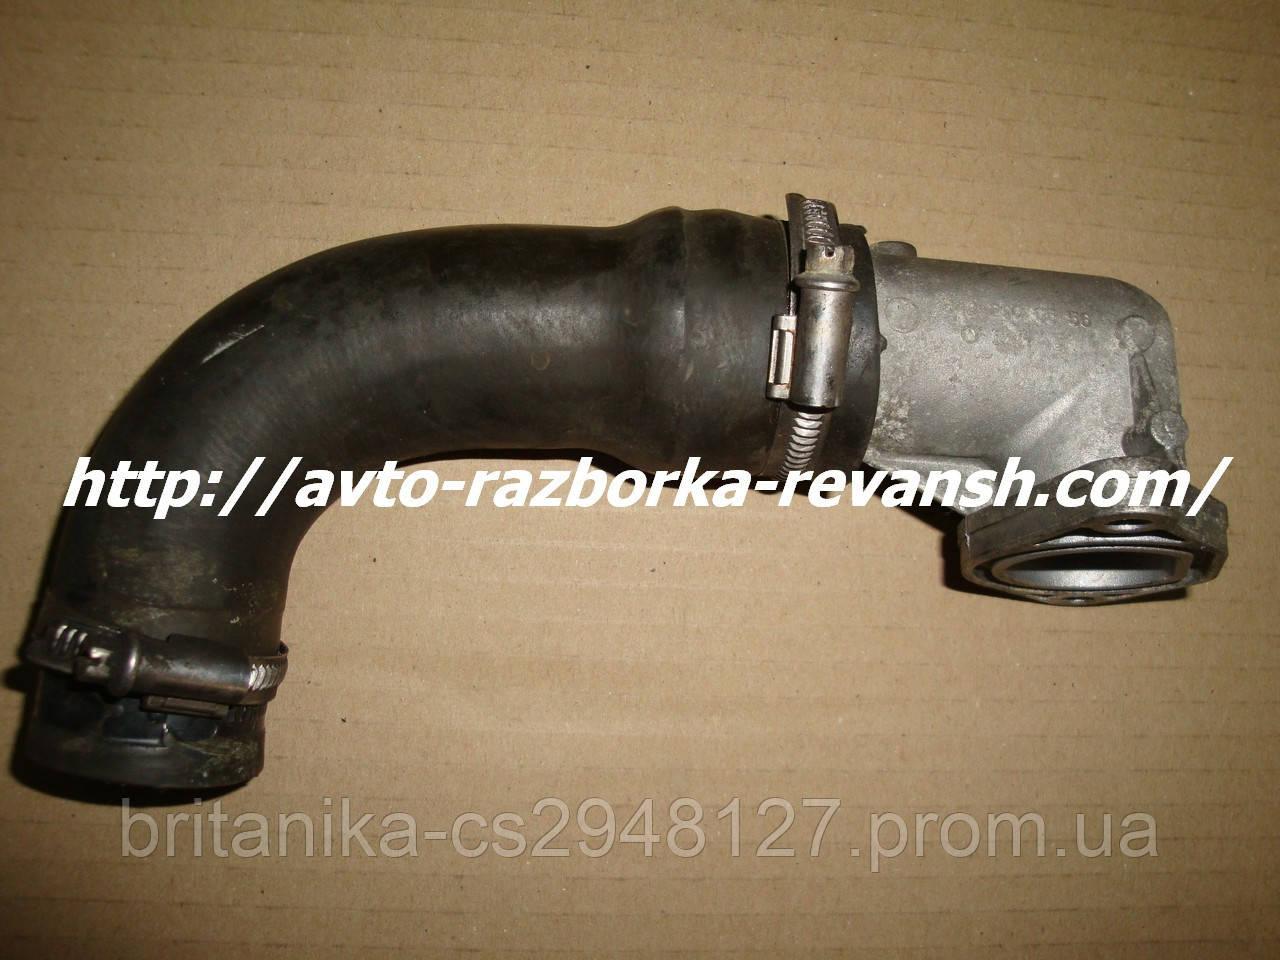 Патрубок системы охлаждения с термостатом Мерседес Вито 639 бу ОМ 642 3.0 Vito